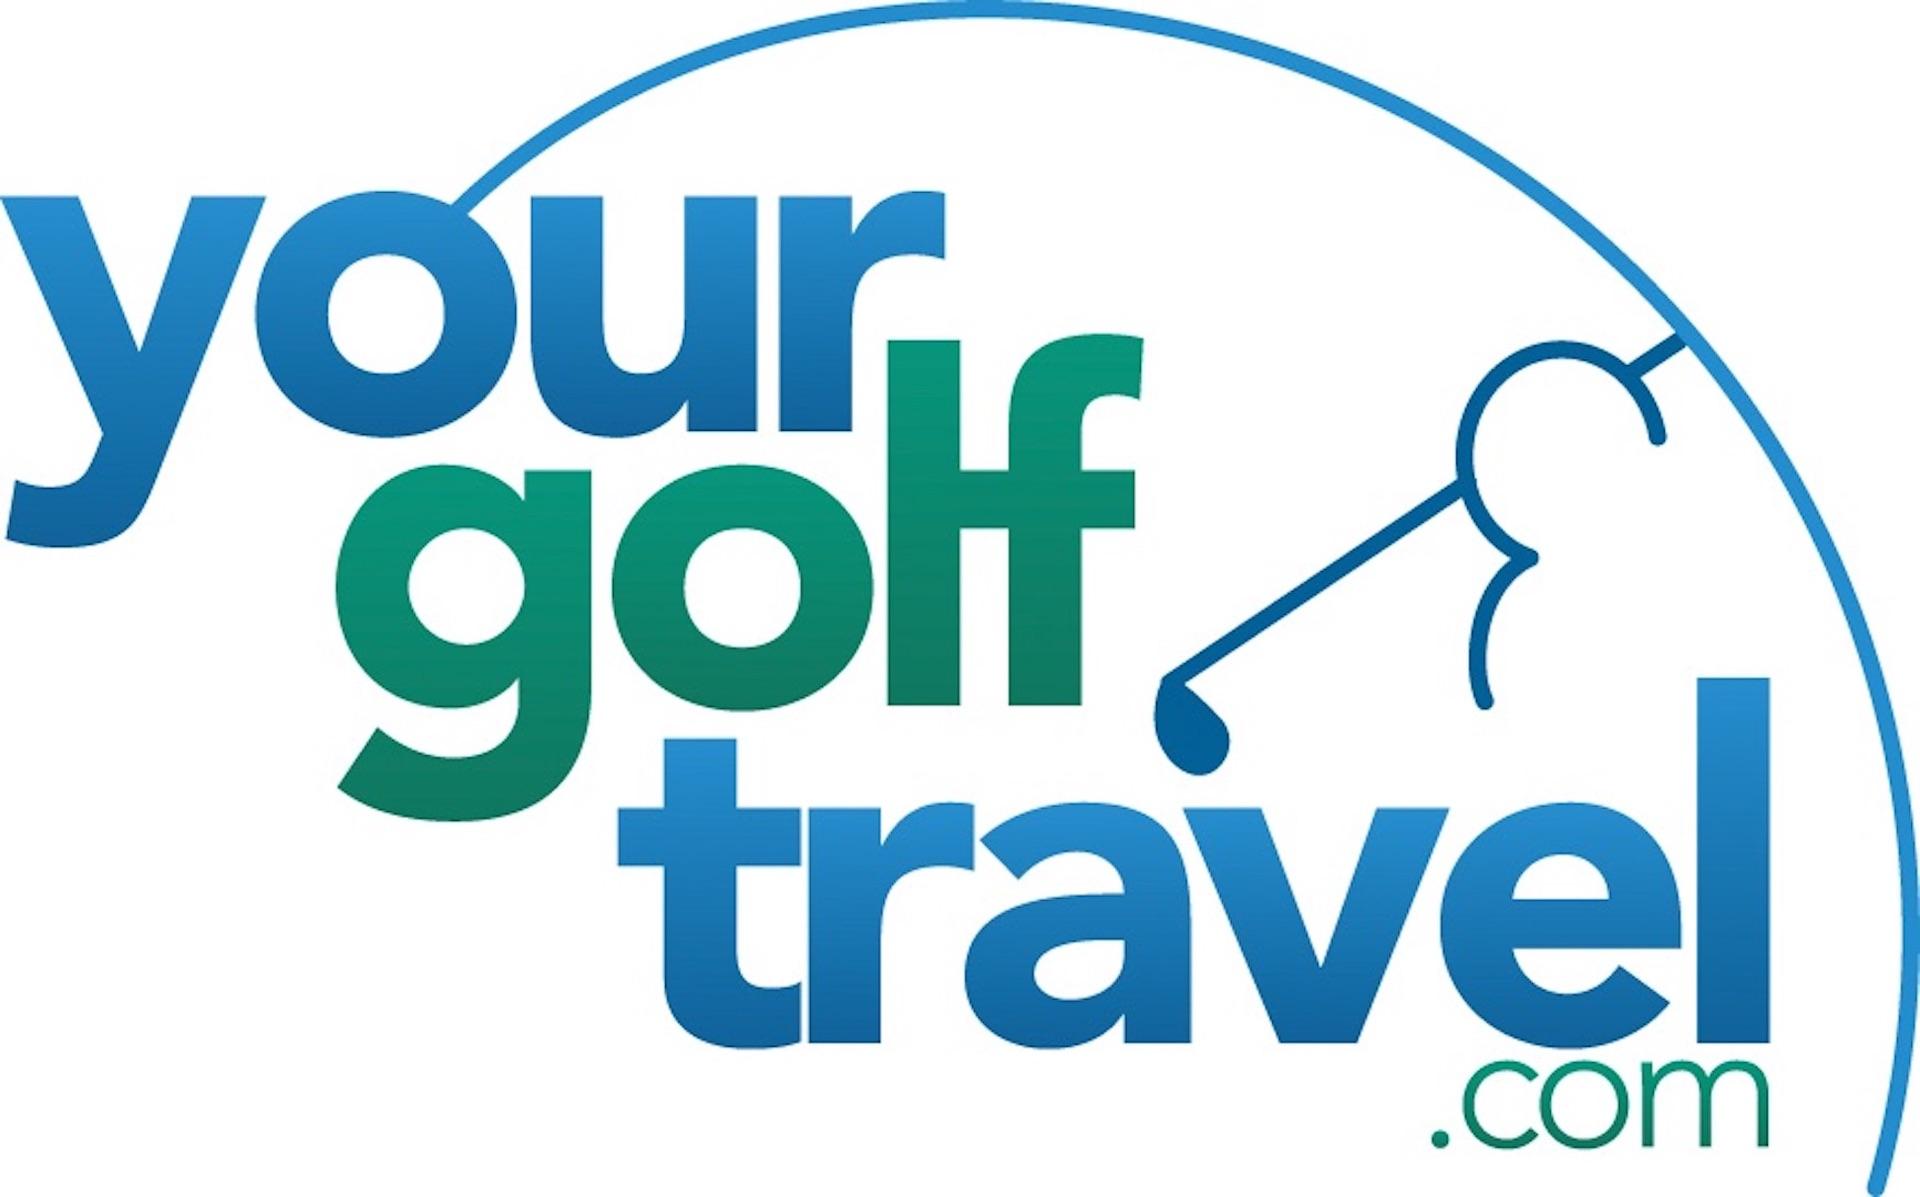 Your Golf Travel targets major US expansion into $20.5 billion golf travel market